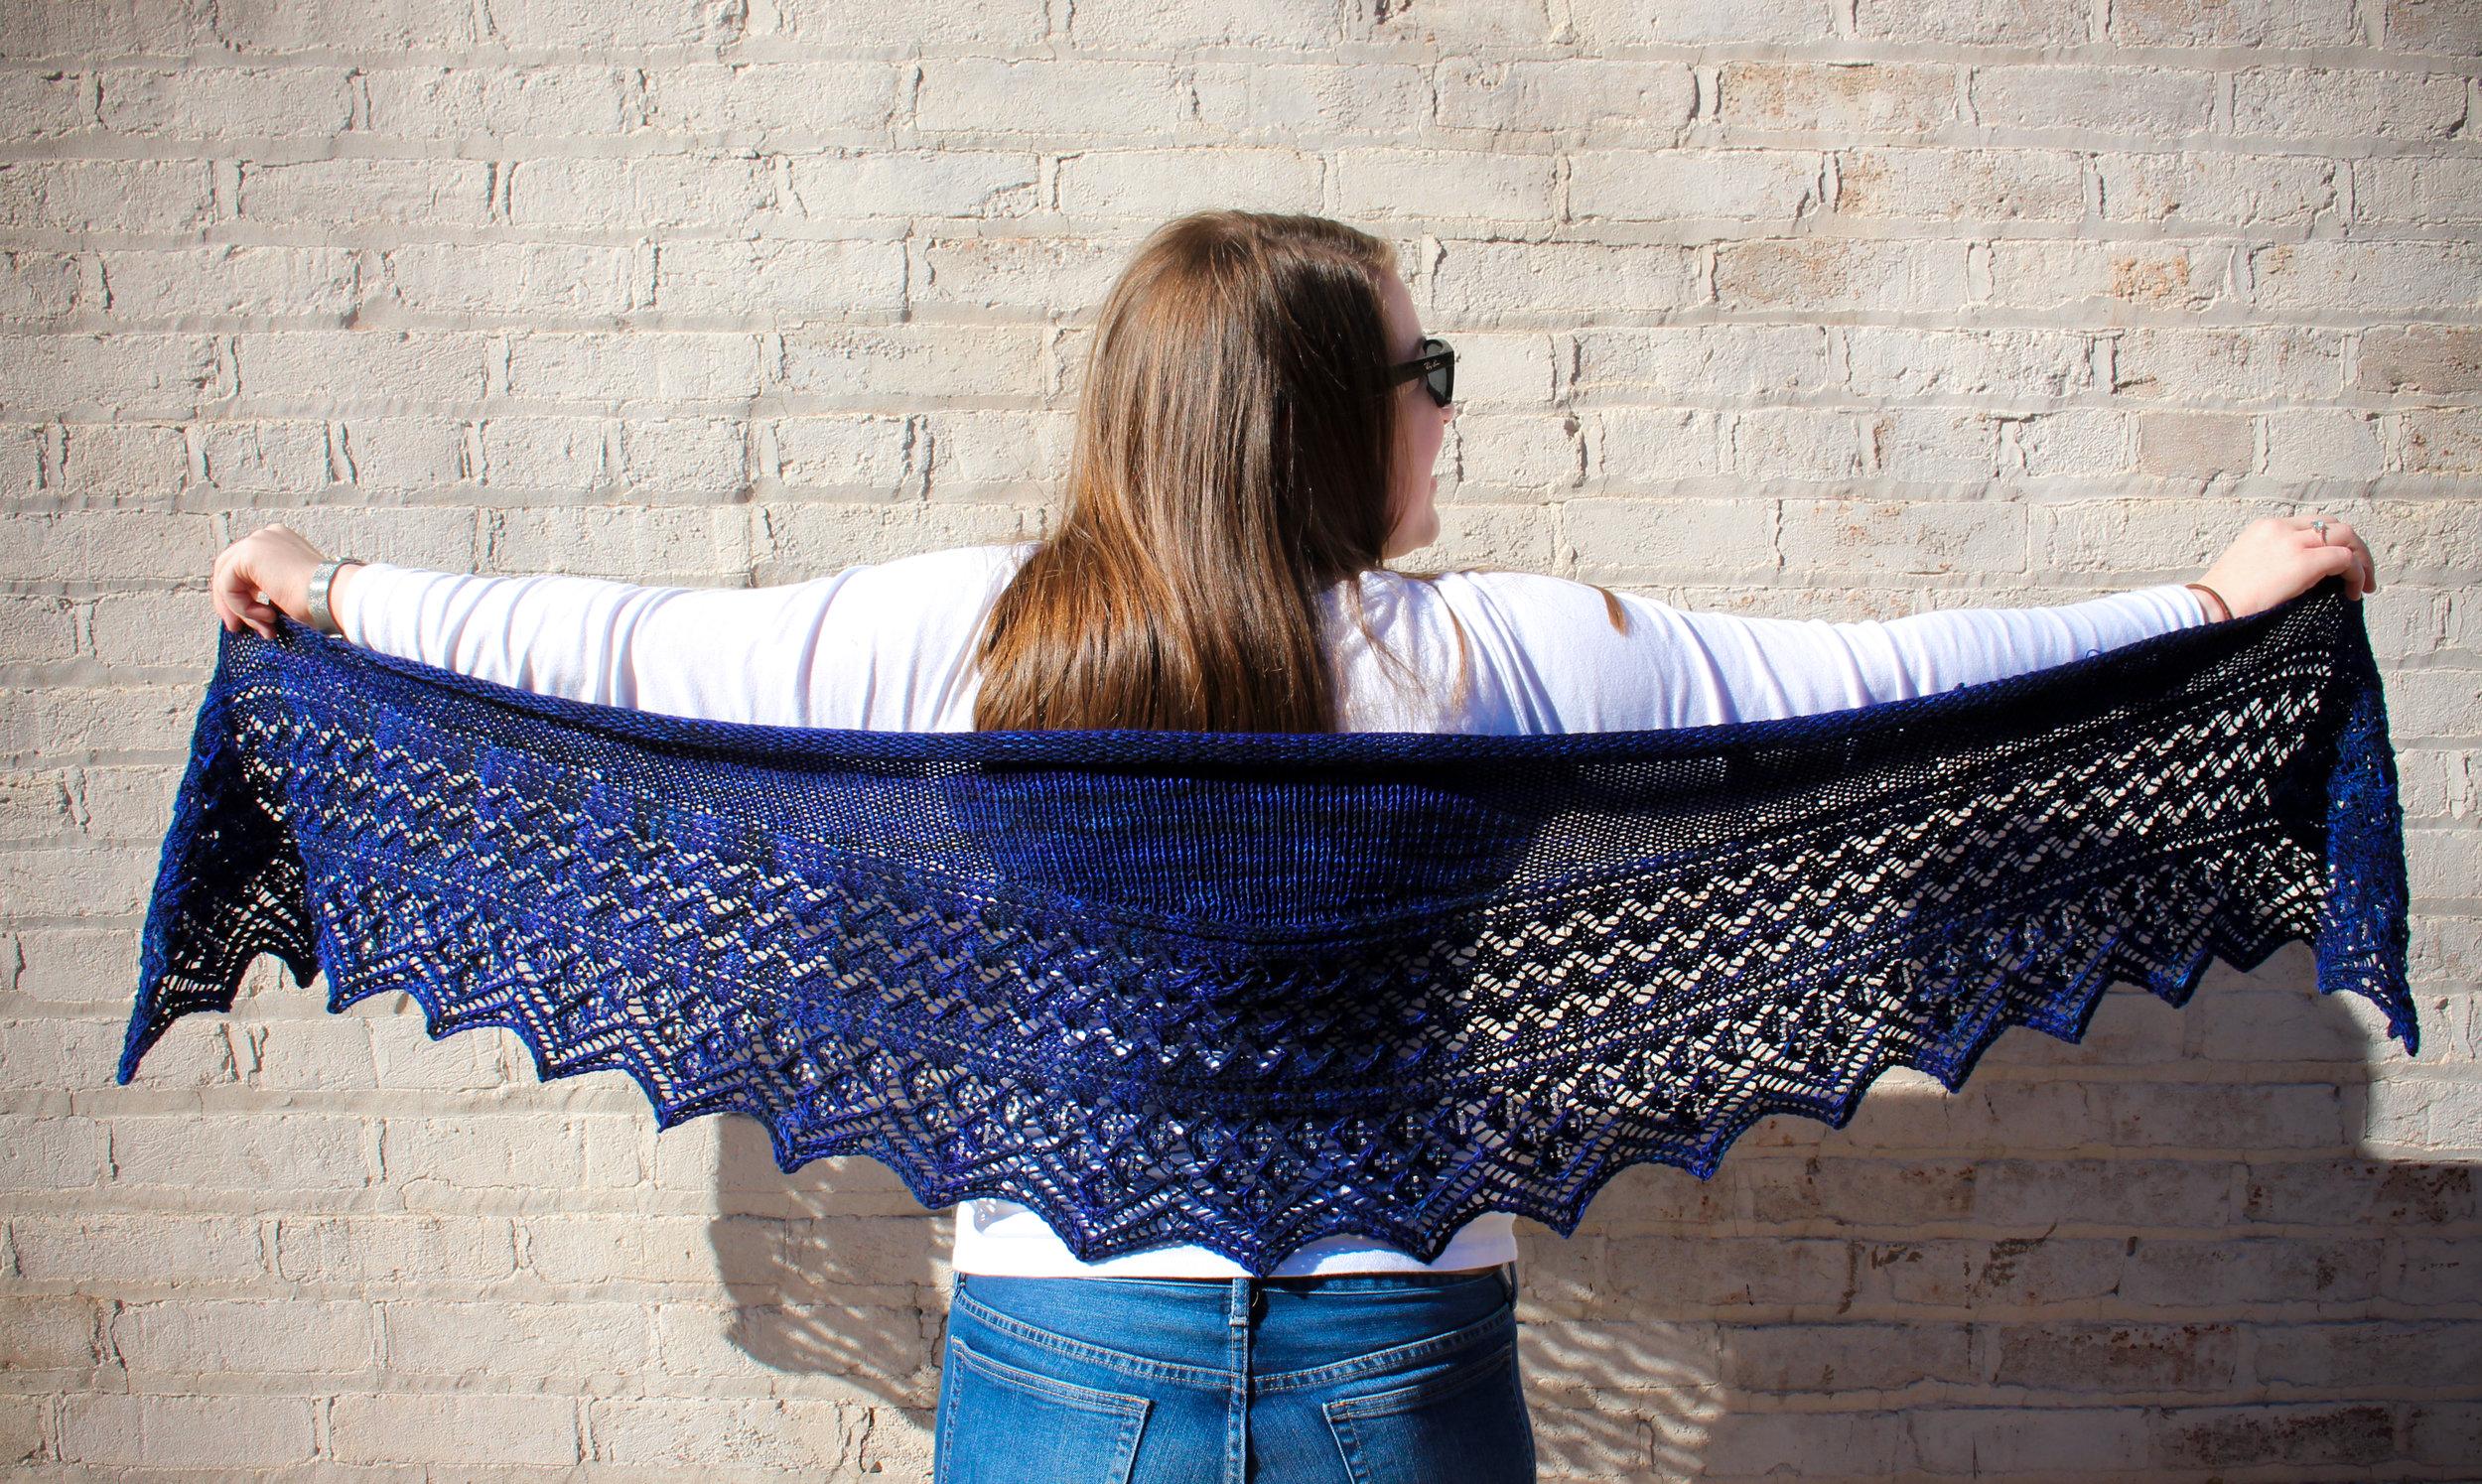 shawl5 copy